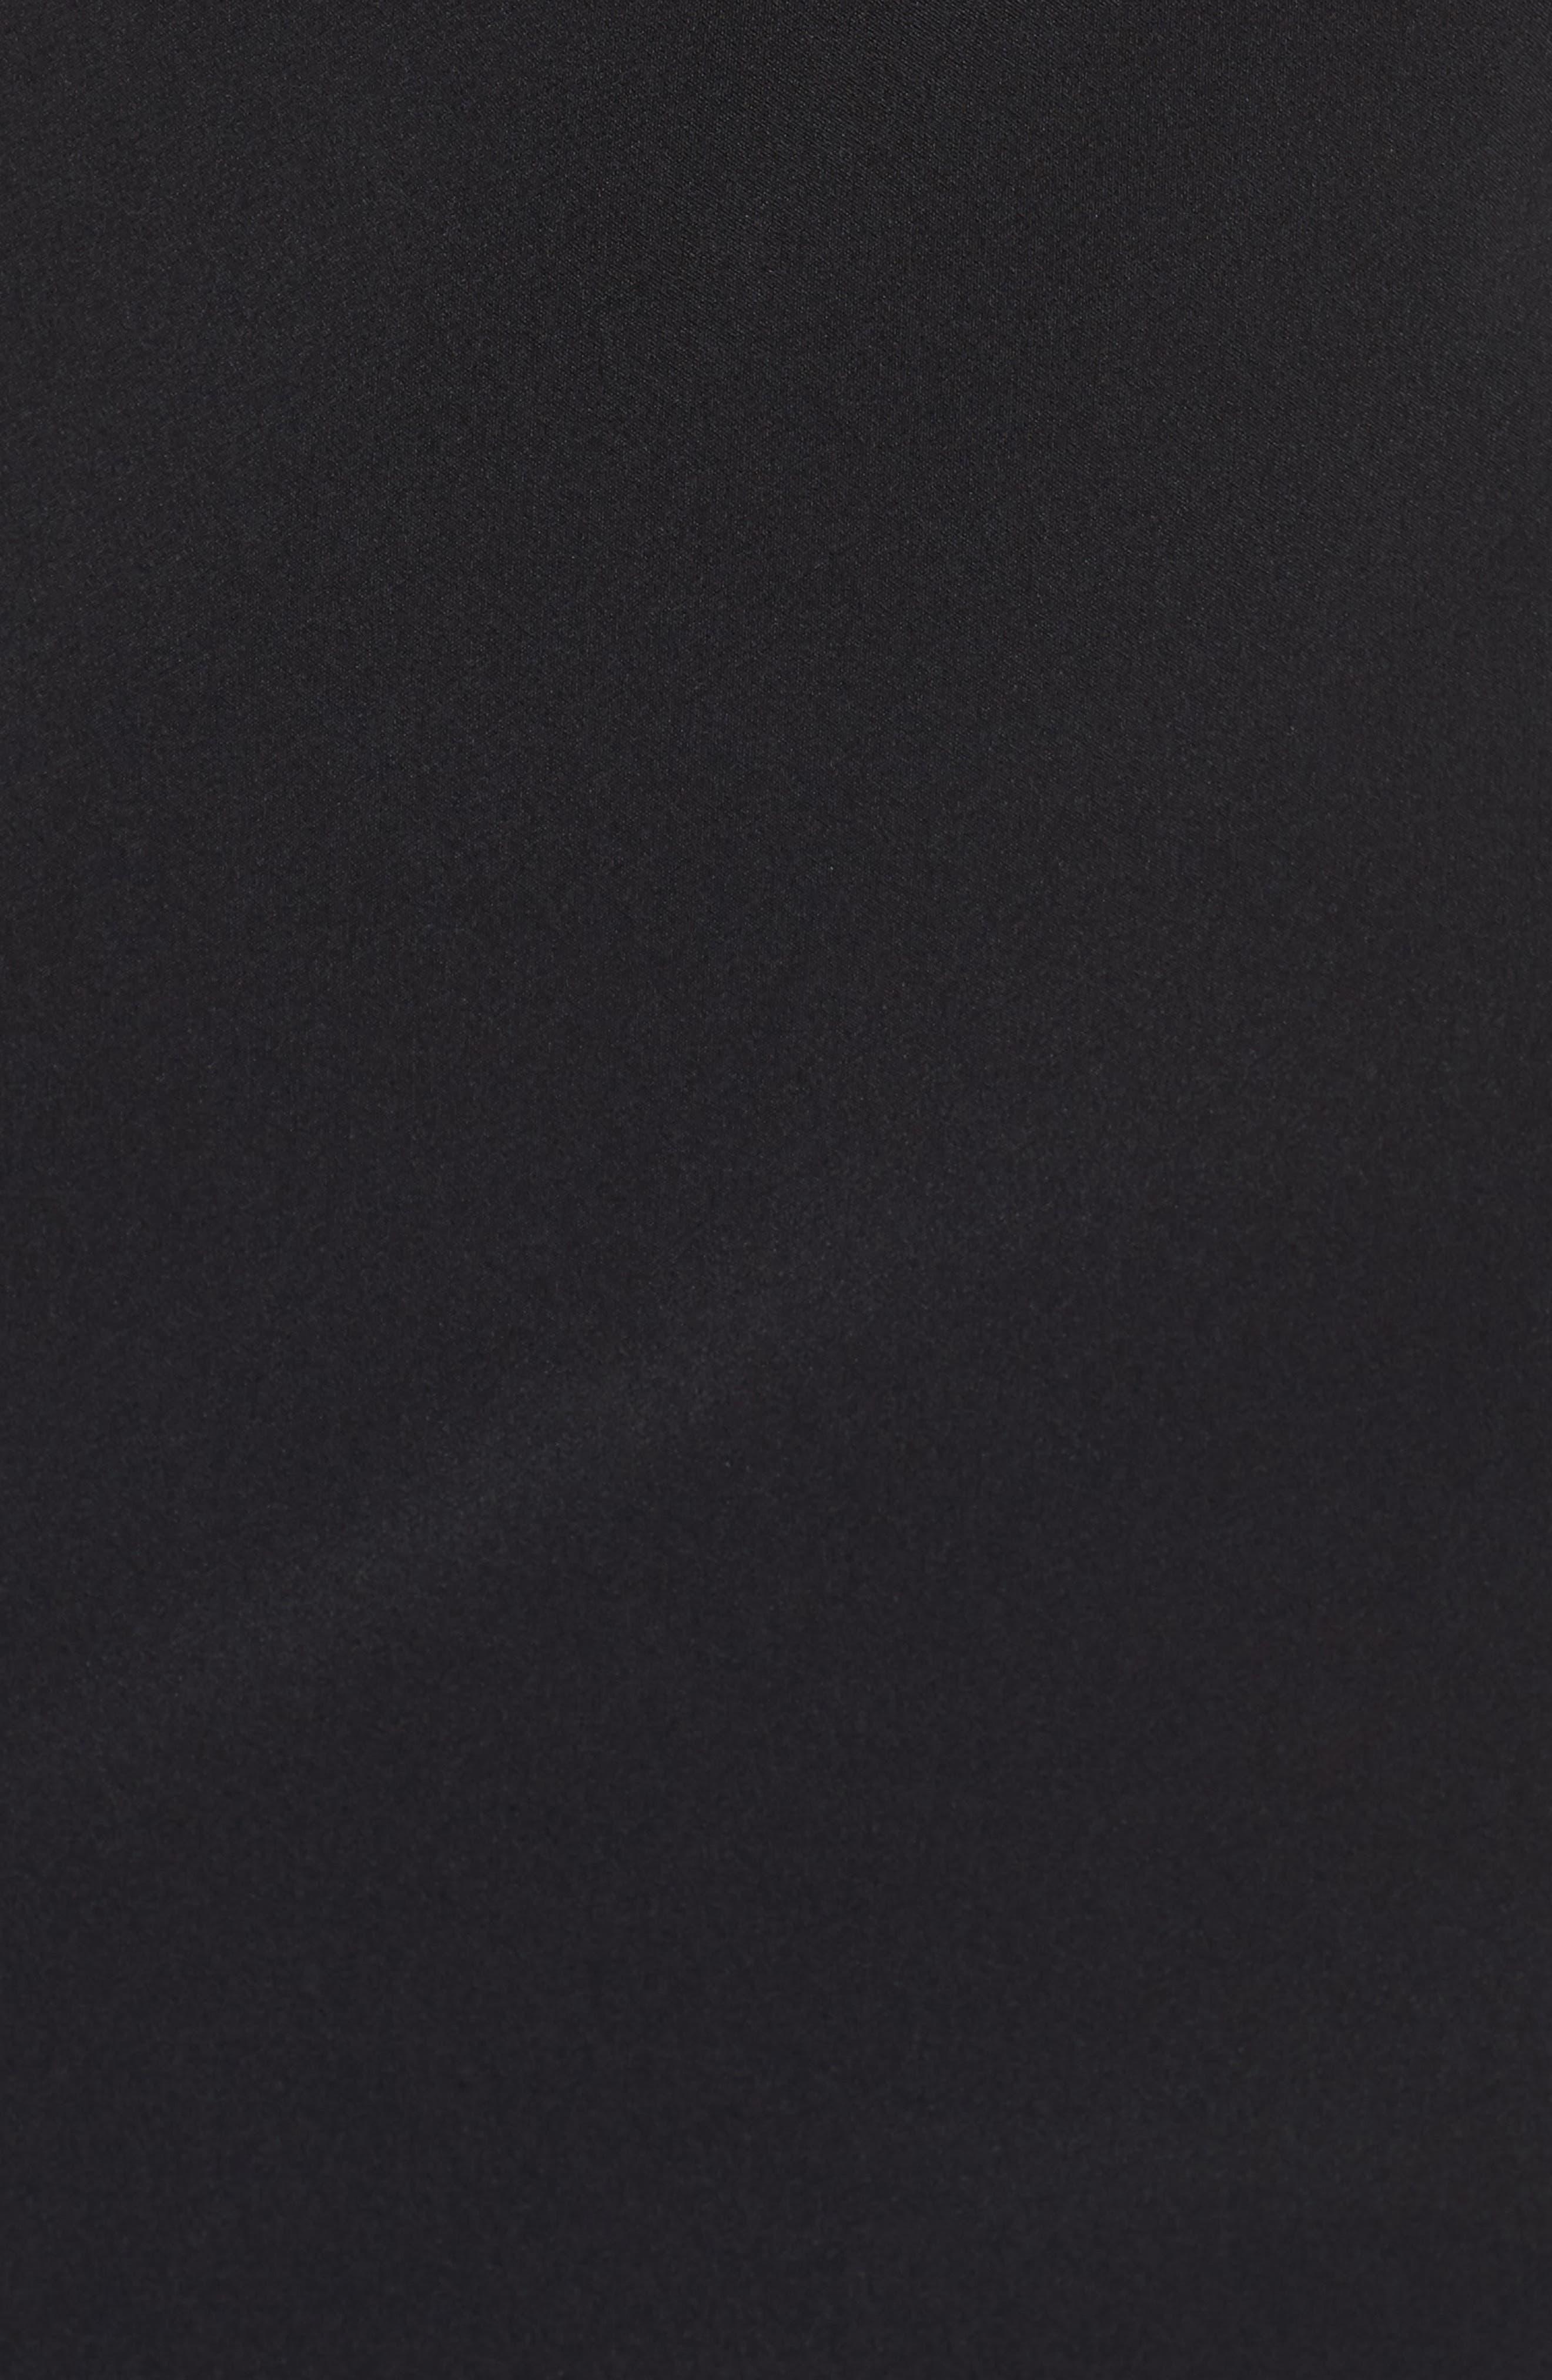 Krista Elastic Strap Cutout Gown,                             Alternate thumbnail 5, color,                             Black